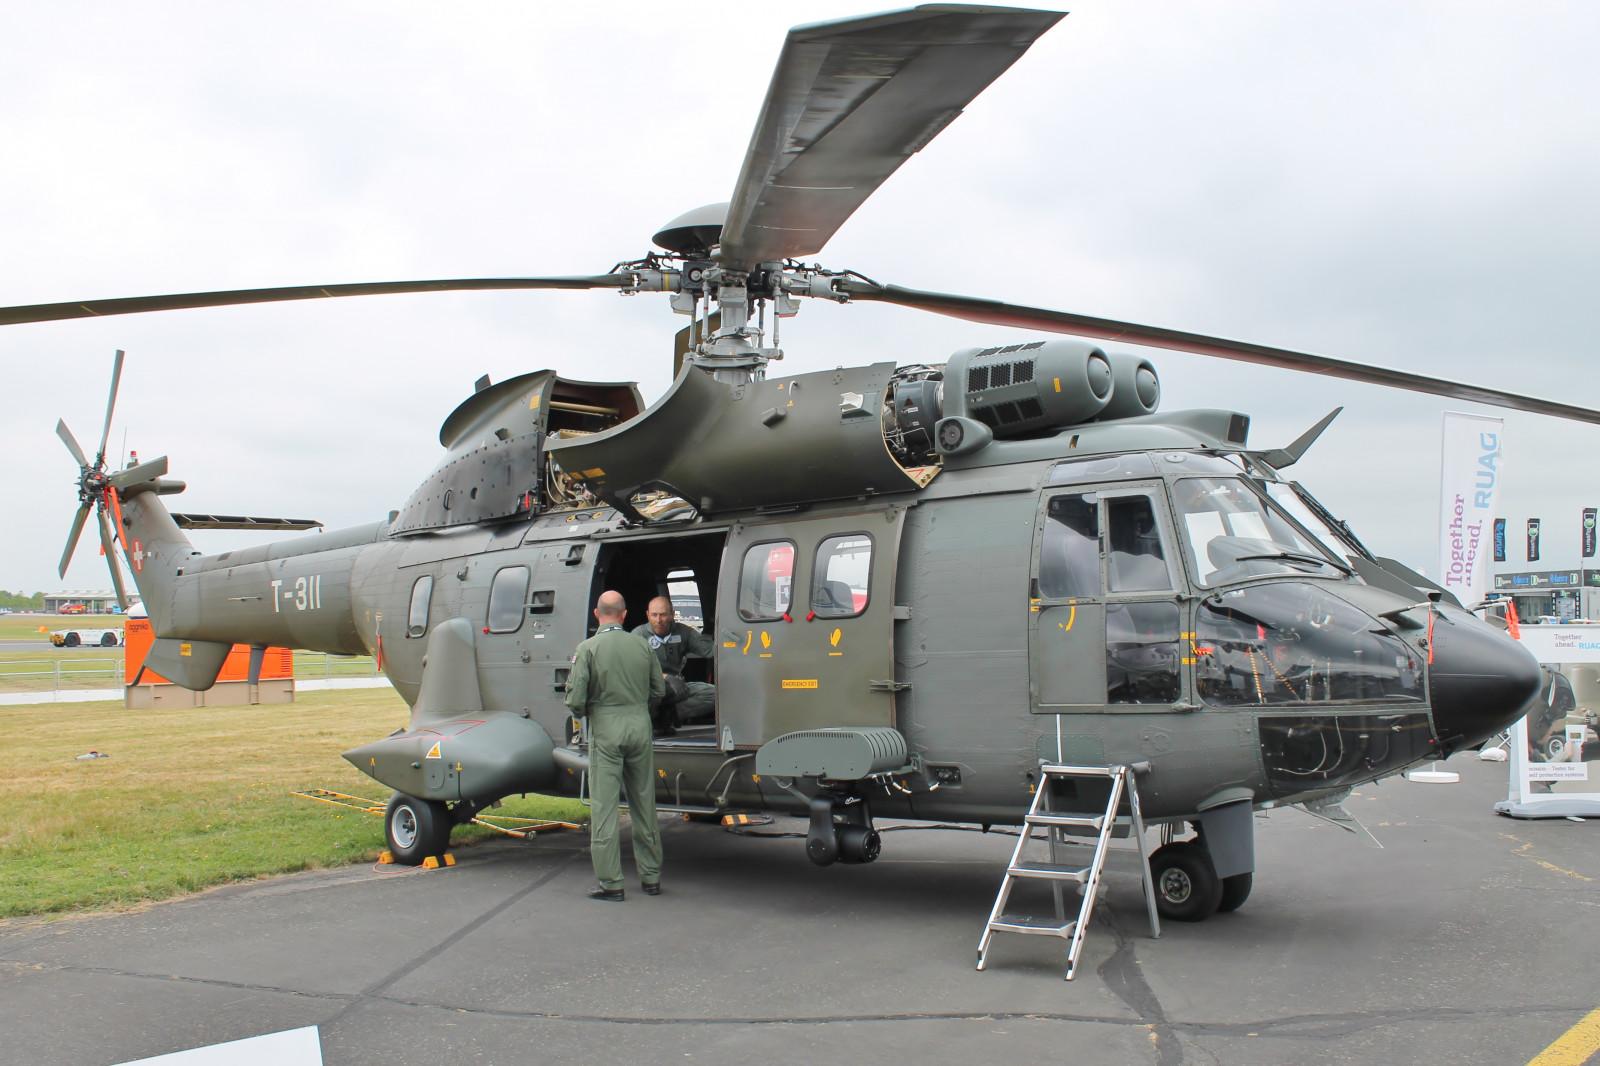 ヘリコプター, ヘリコプターローター, 航空機, 空軍, 輸送モード, ロータークラフト, 車両, 軍用ヘリコプター, 航空宇宙工学, 軍用機, ブラックホーク, 航空